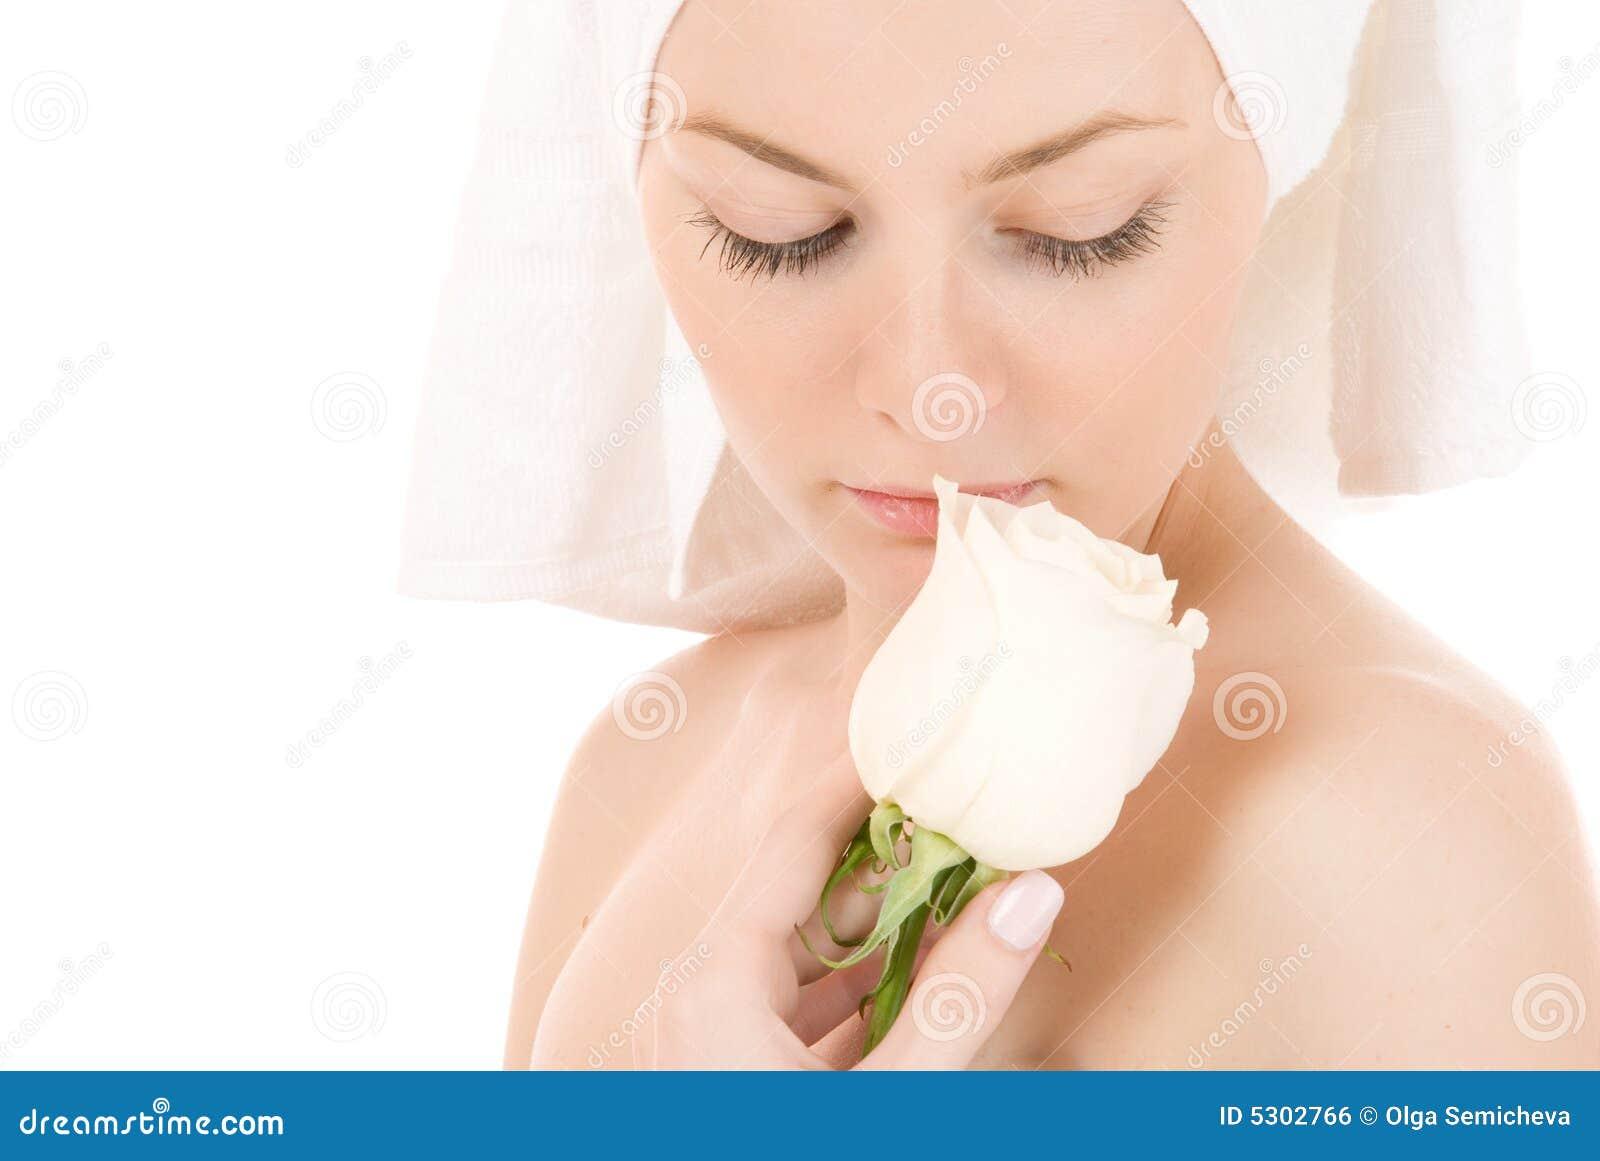 Download Donna in tovagliolo bianco fotografia stock. Immagine di people - 5302766